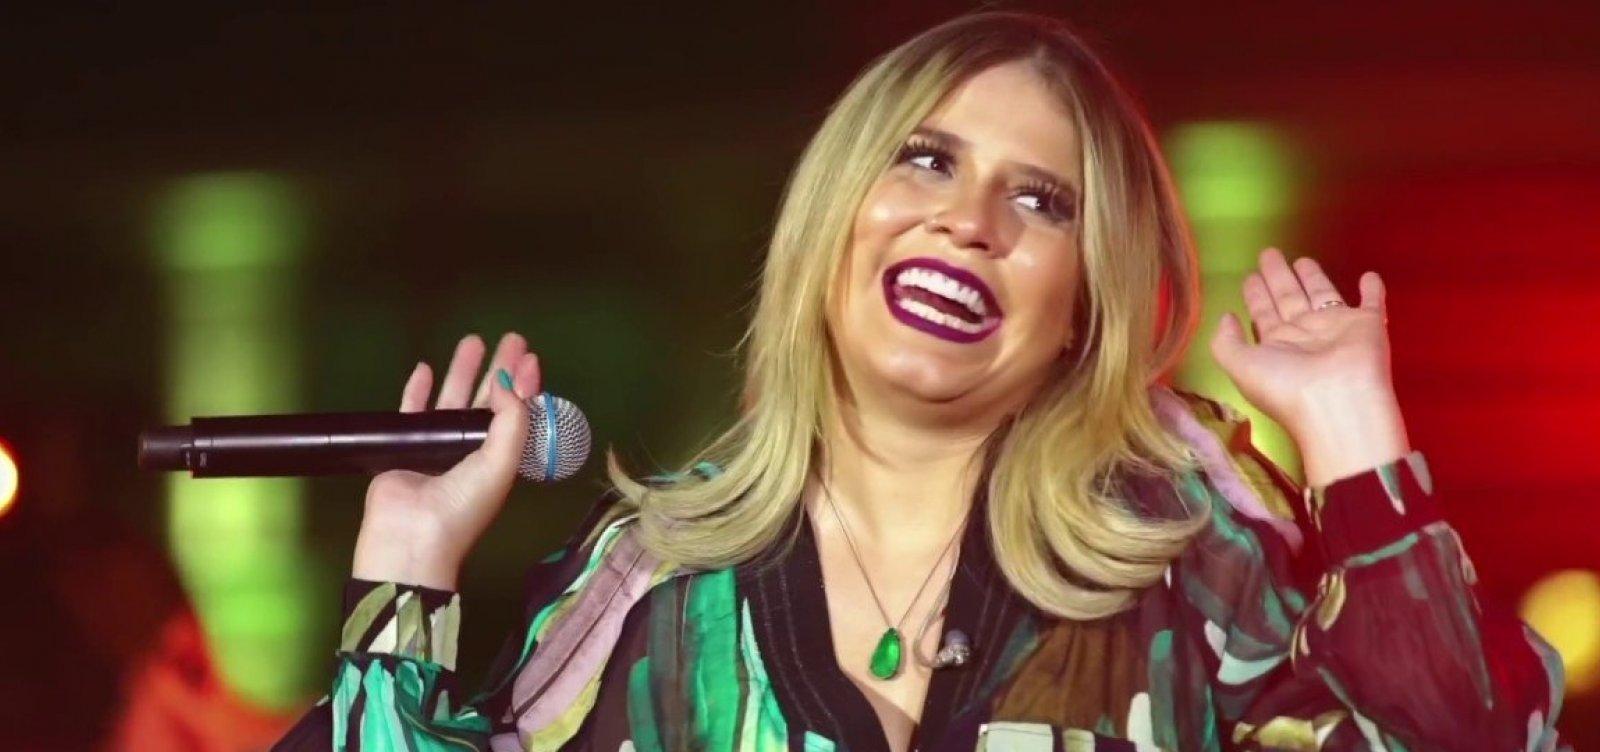 Marília Mendonça ultrapassa os Beatles em número de seguidores no Spotify